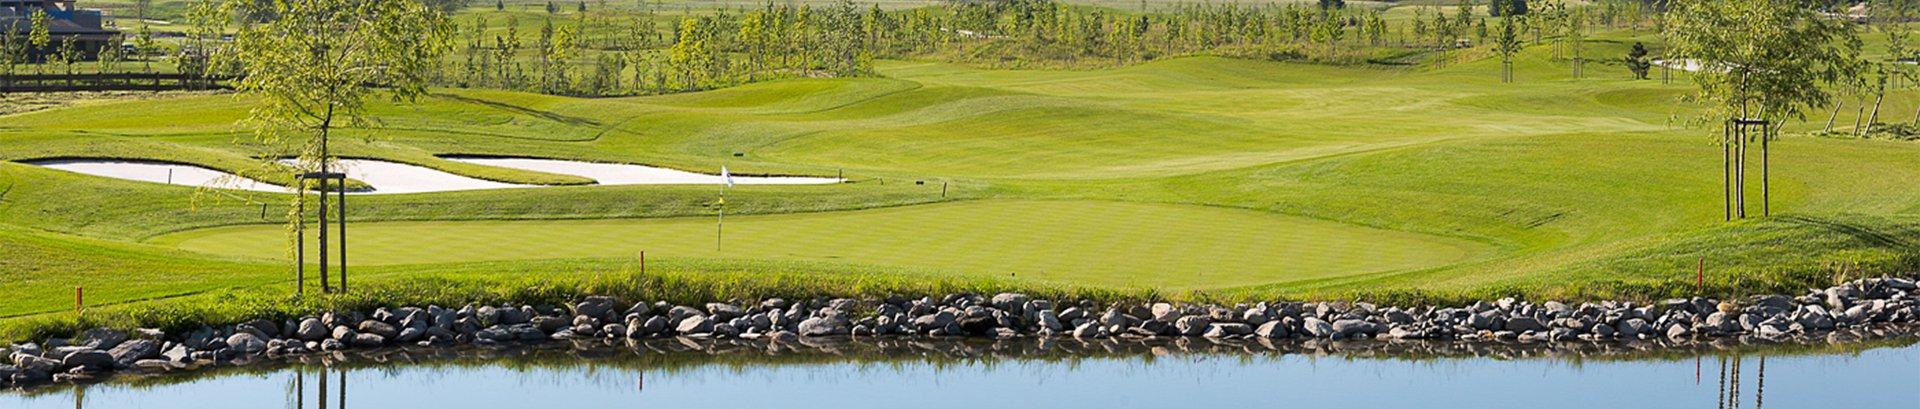 Golfparcour Uderns im Zillertal